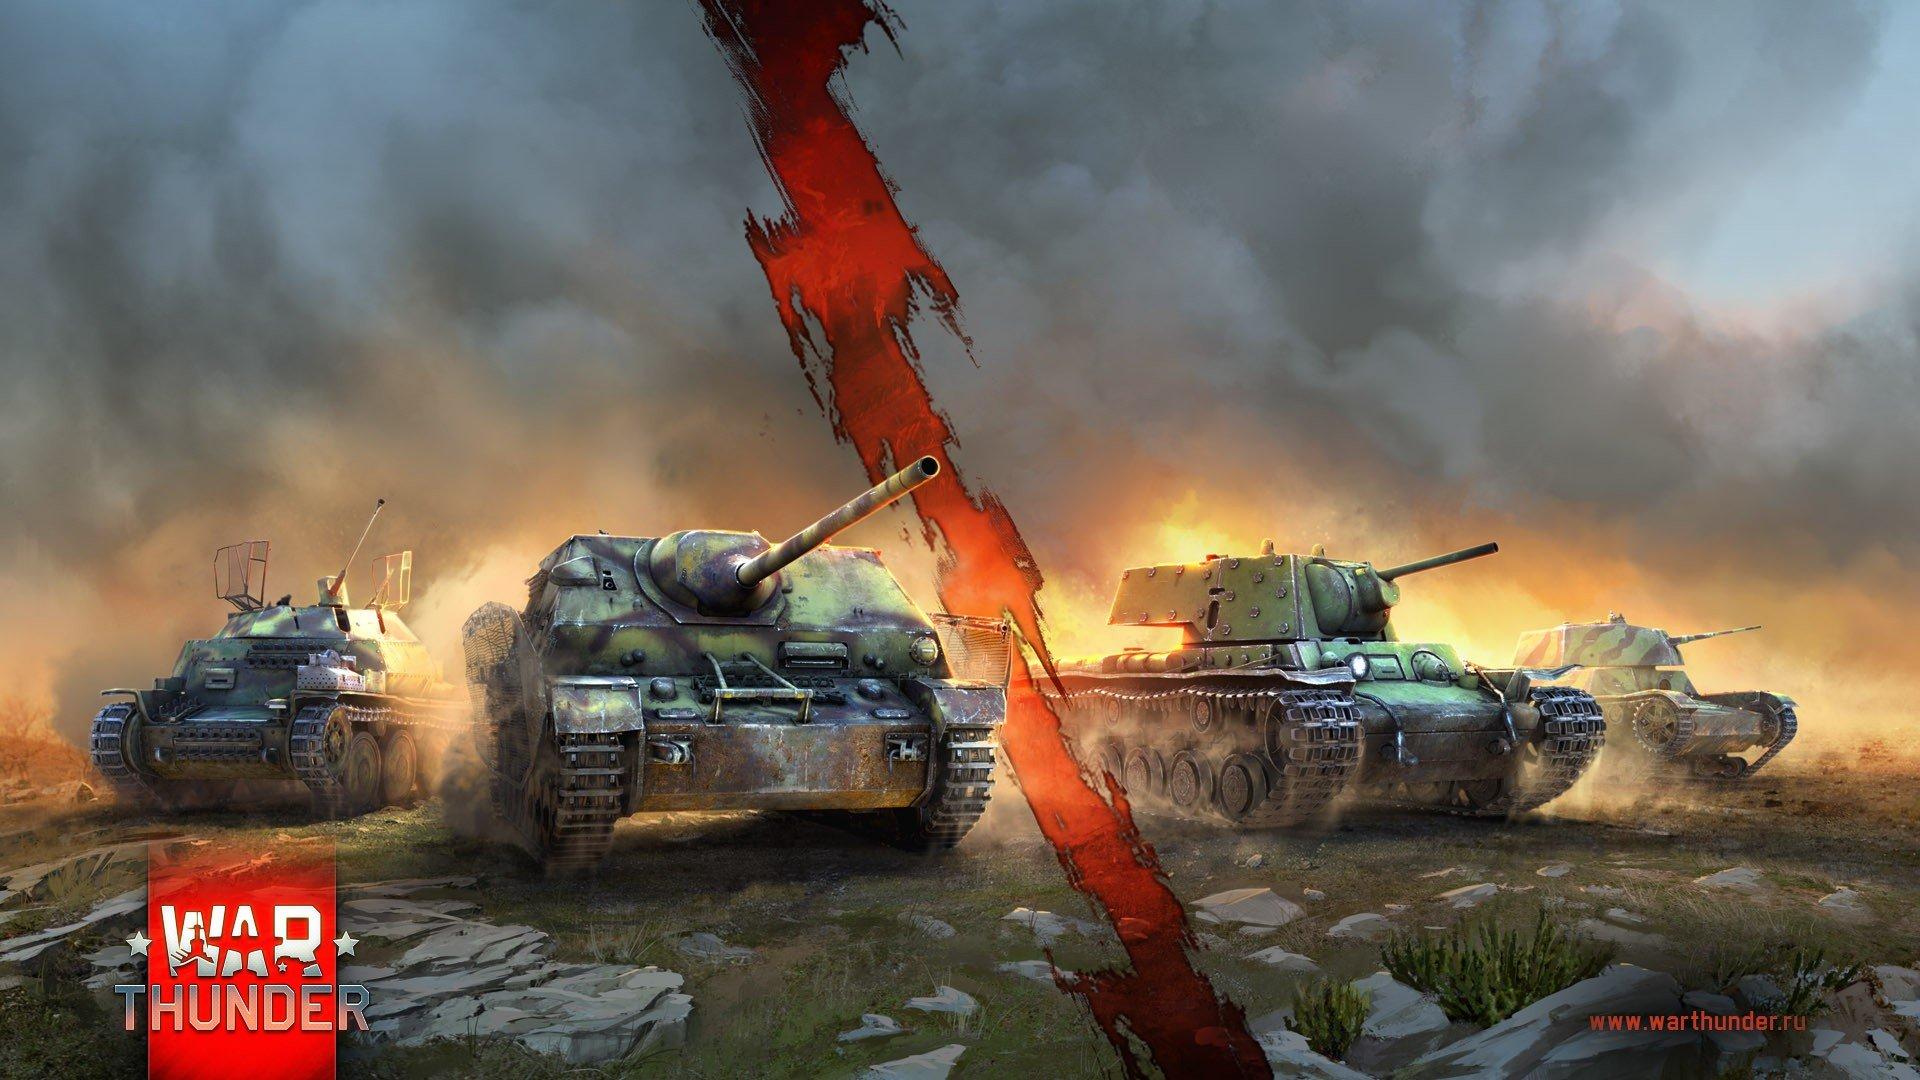 War Thunder Free Download Full PC Game FULL Version